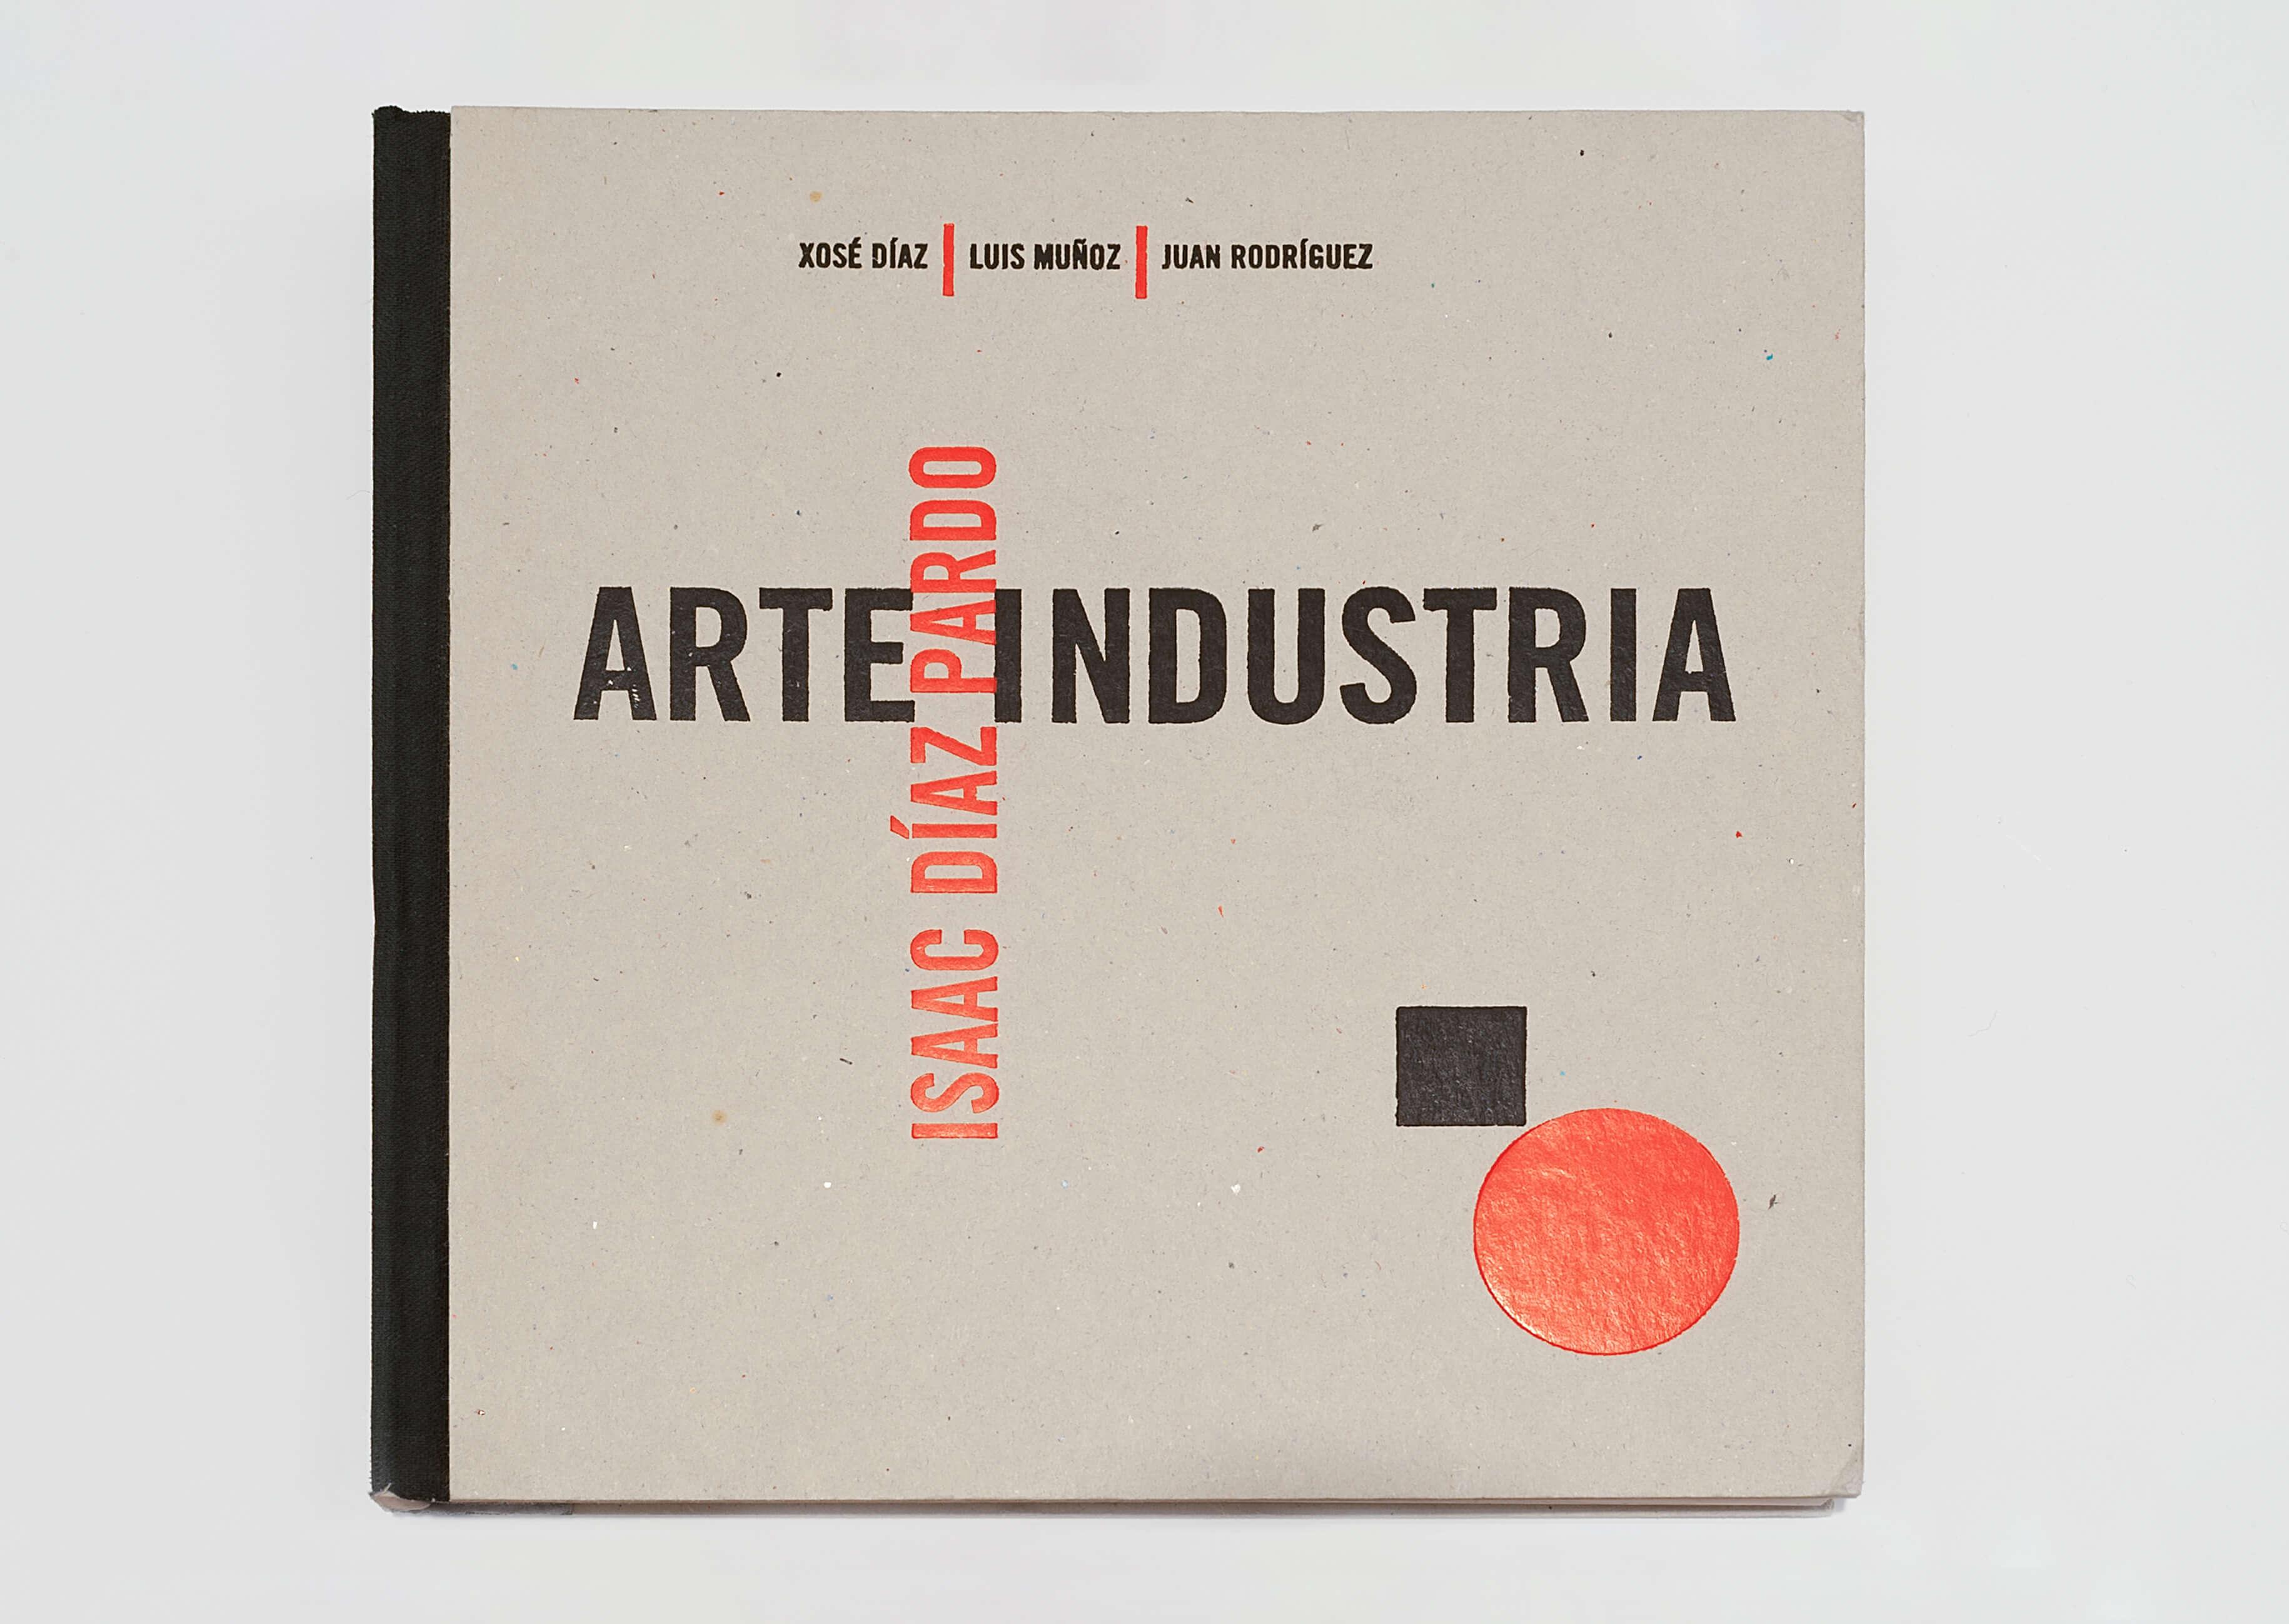 Arte Industria—Isaac Díaz Pardo. A Coruña & Santiago de Compostela: COAG & Laberinto de Paixóns, 1997